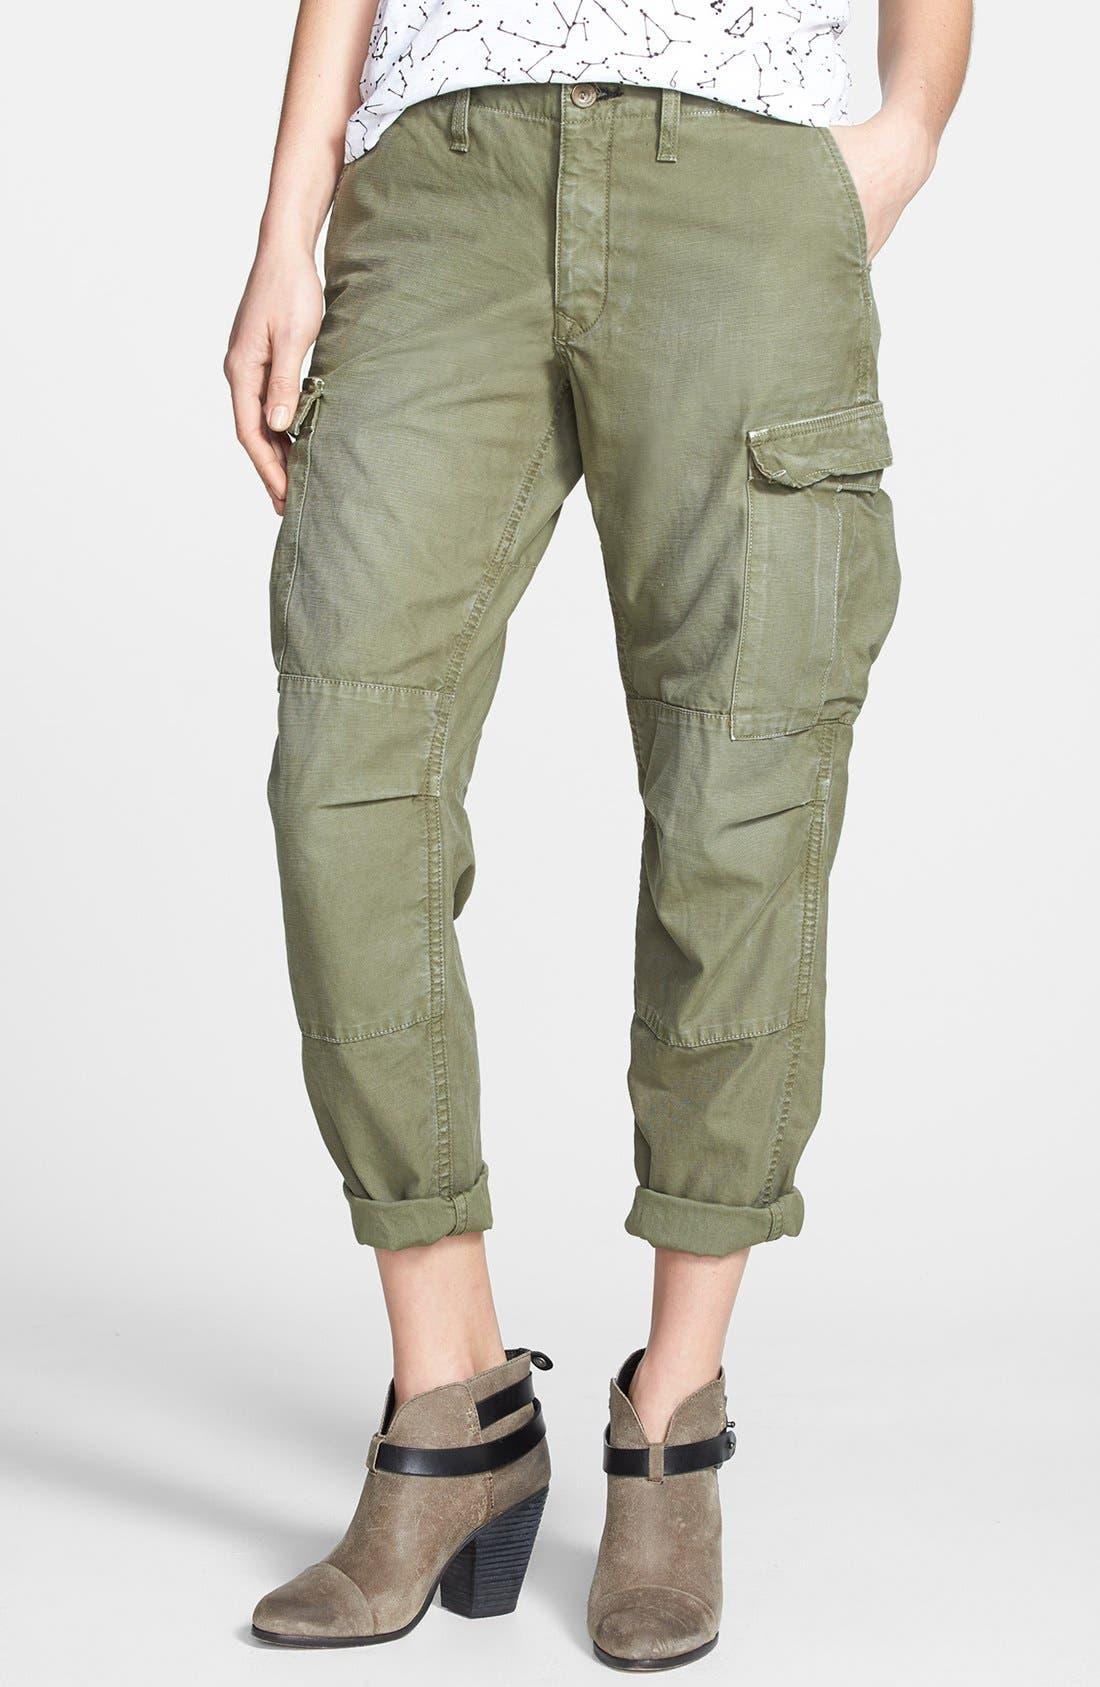 Alternate Image 1 Selected - rag & bone/JEAN 'Combat' Cargo Pants